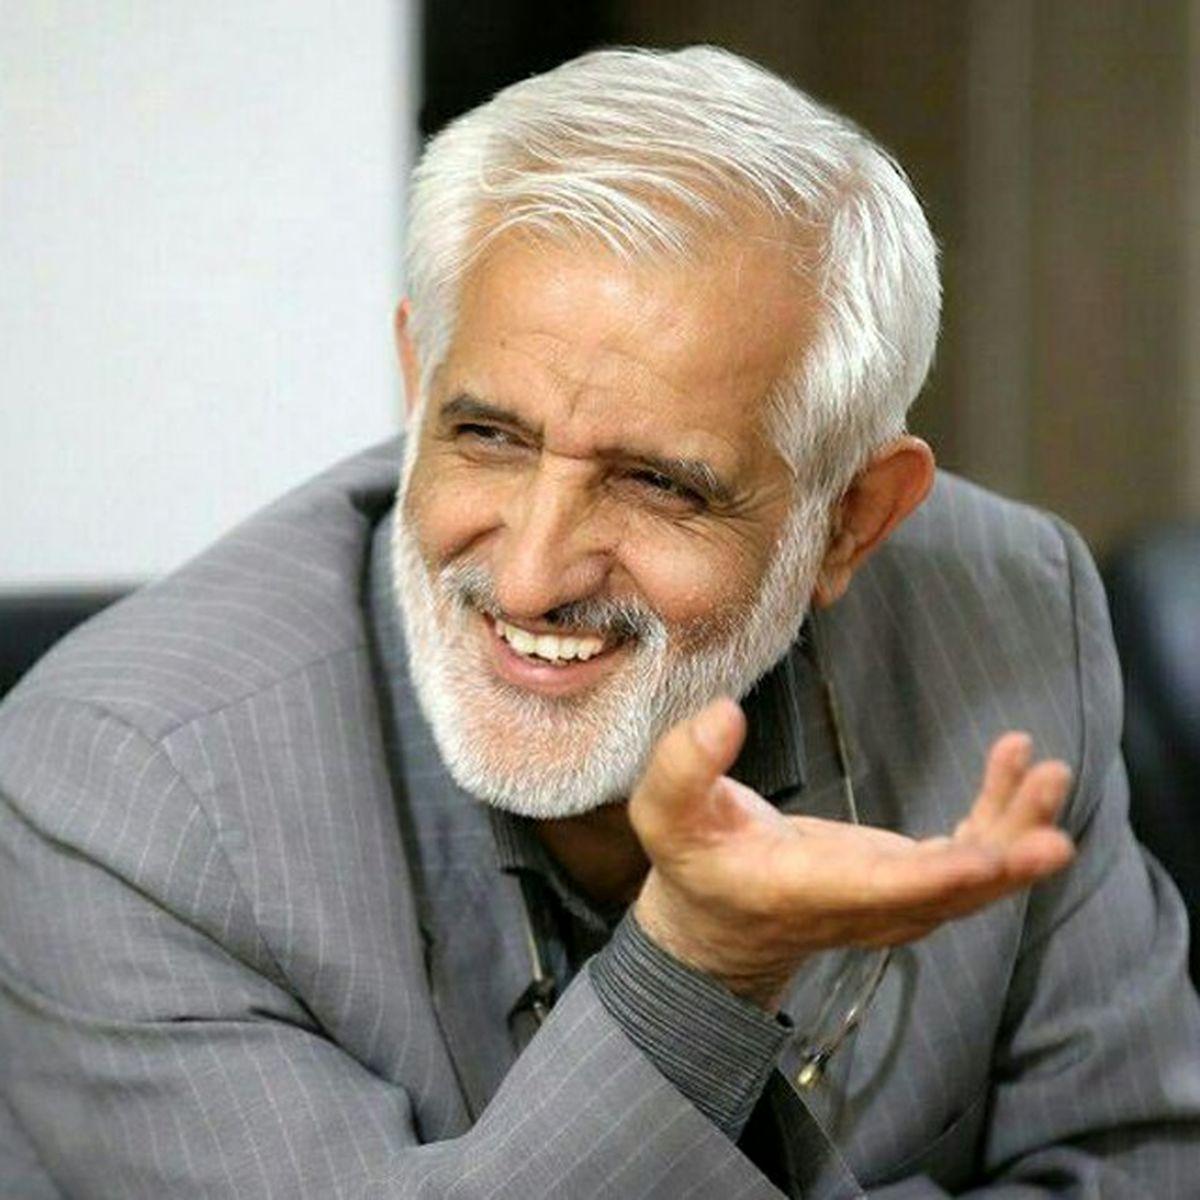 عده ای برای انتخاب زاکانی جیغ بنفش می کشند/ تاکنون چند پزشک و دندانپزشک شهردار شده اند/ اصلاح مصوبه وزارت کشور برای مدرک شهردار دارای سابقه است